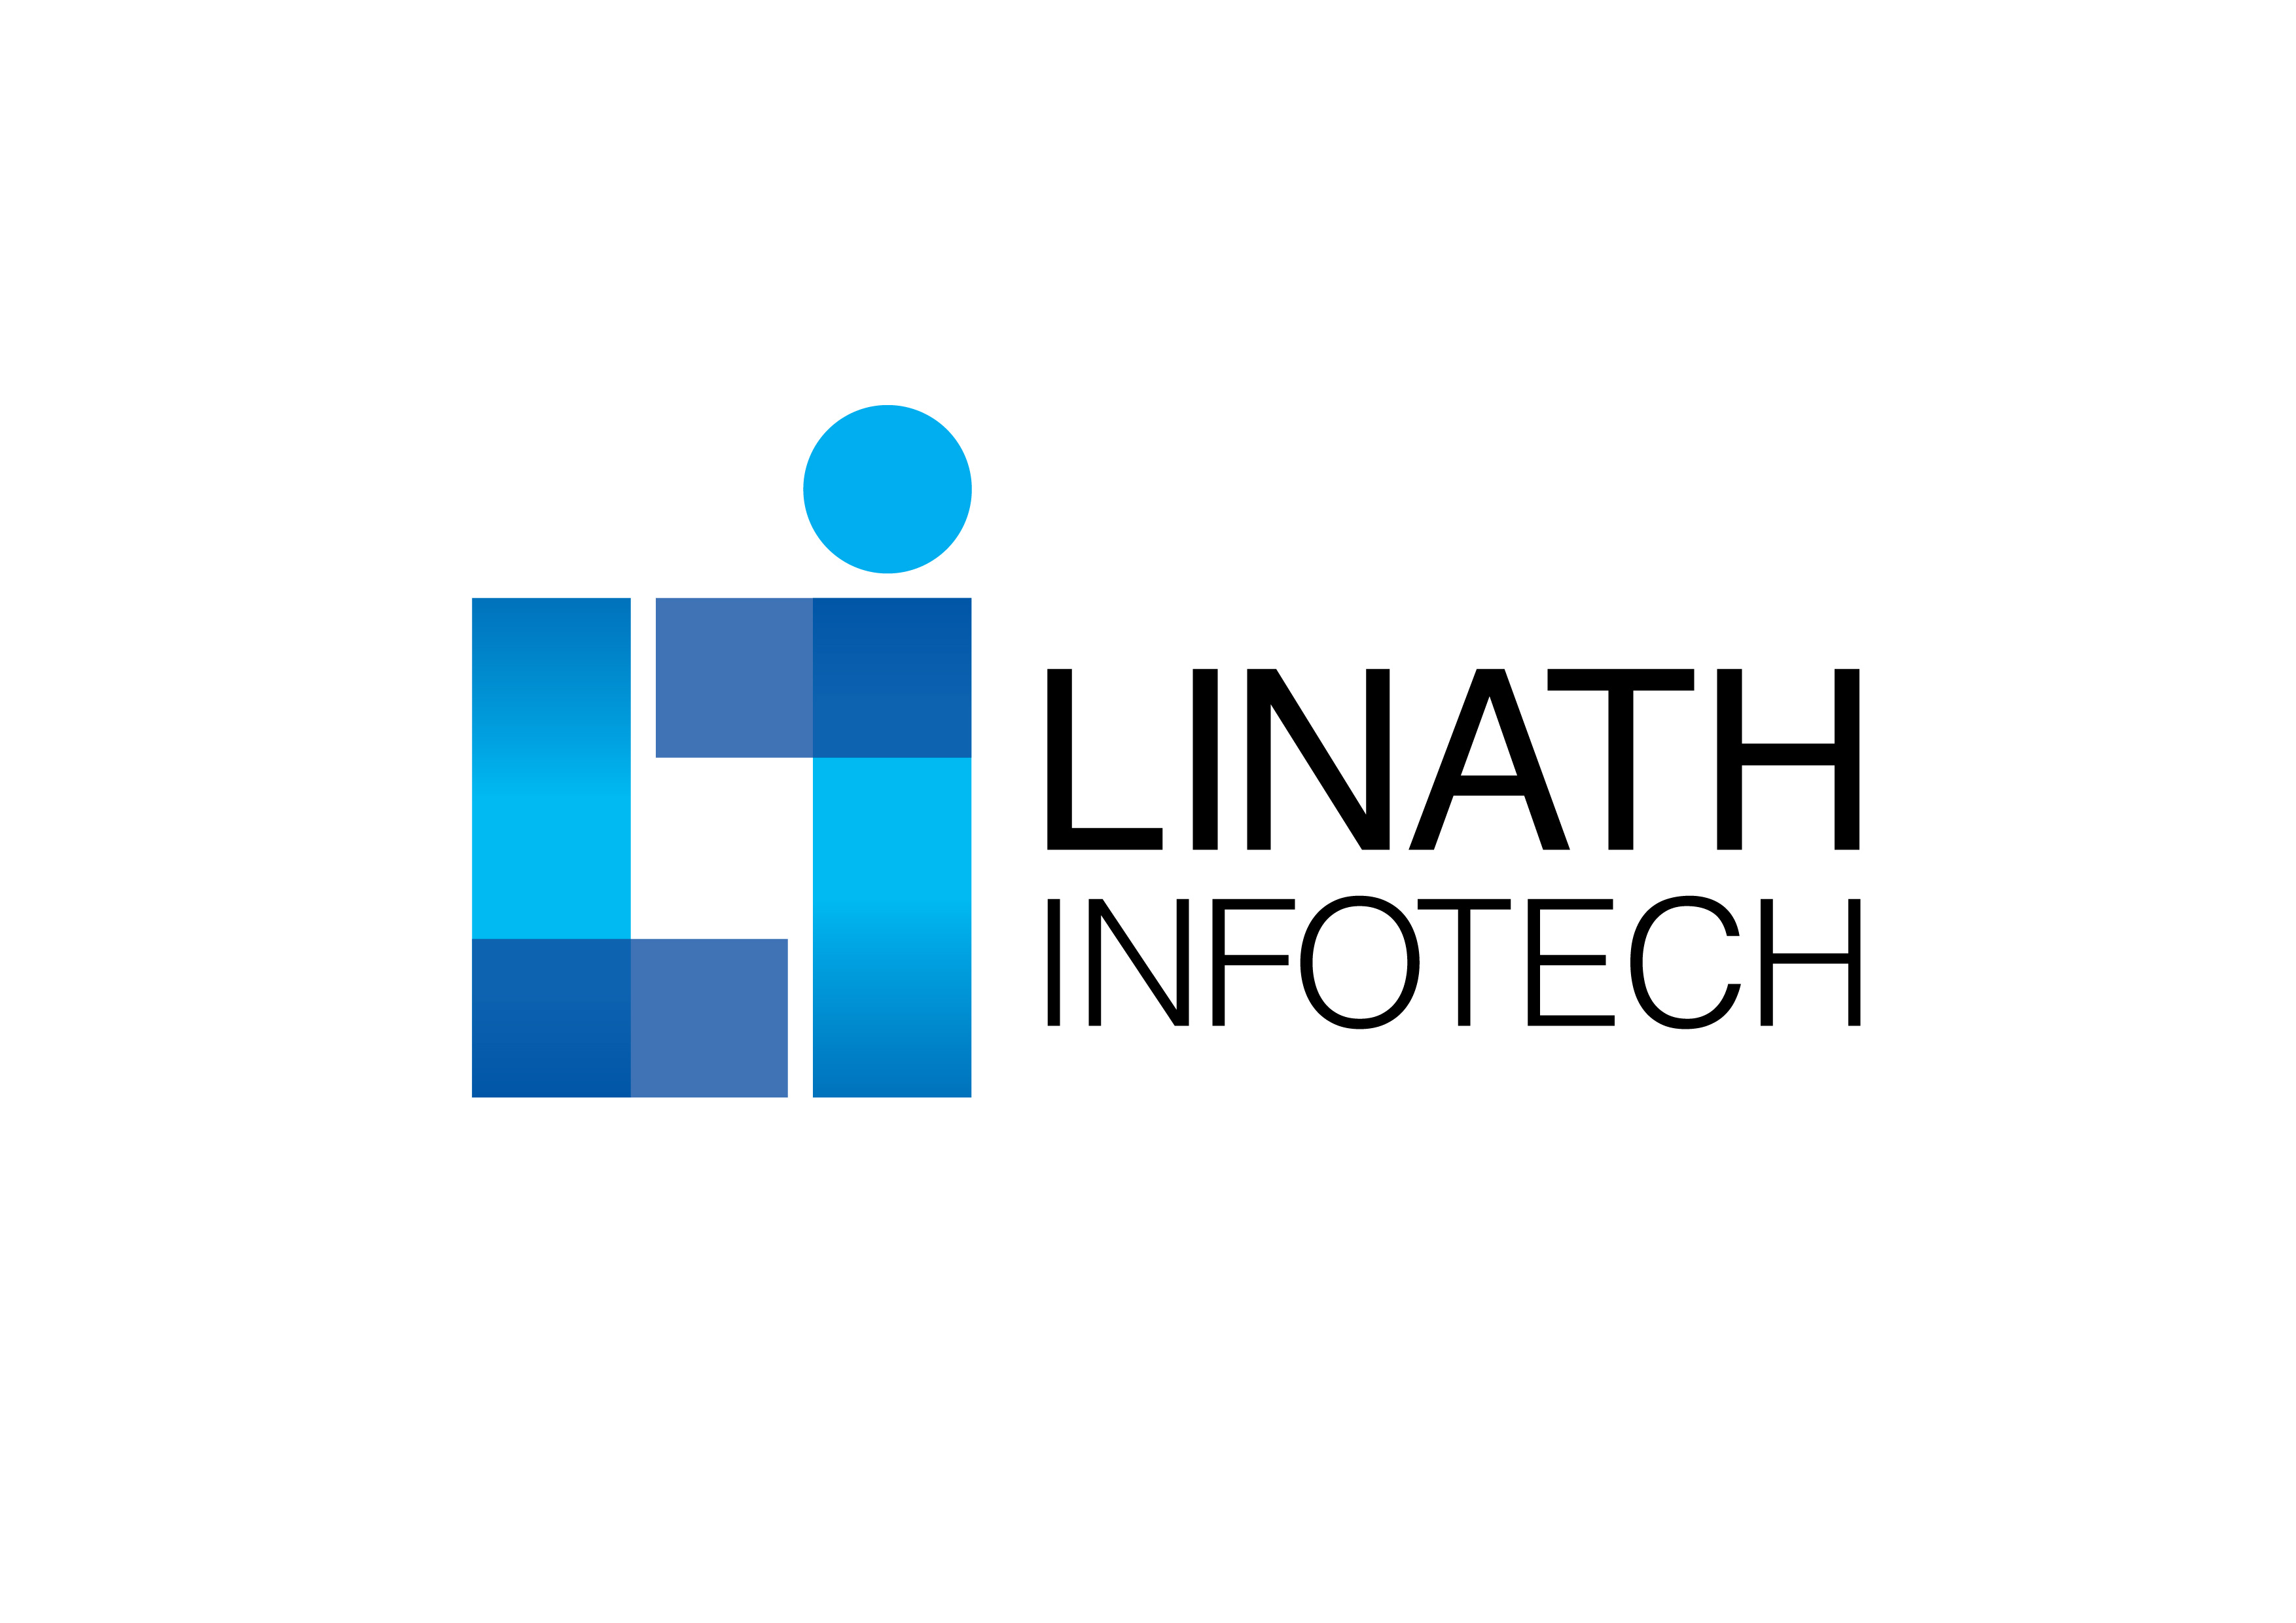 Linath Infotech - www.linathinfotech.com